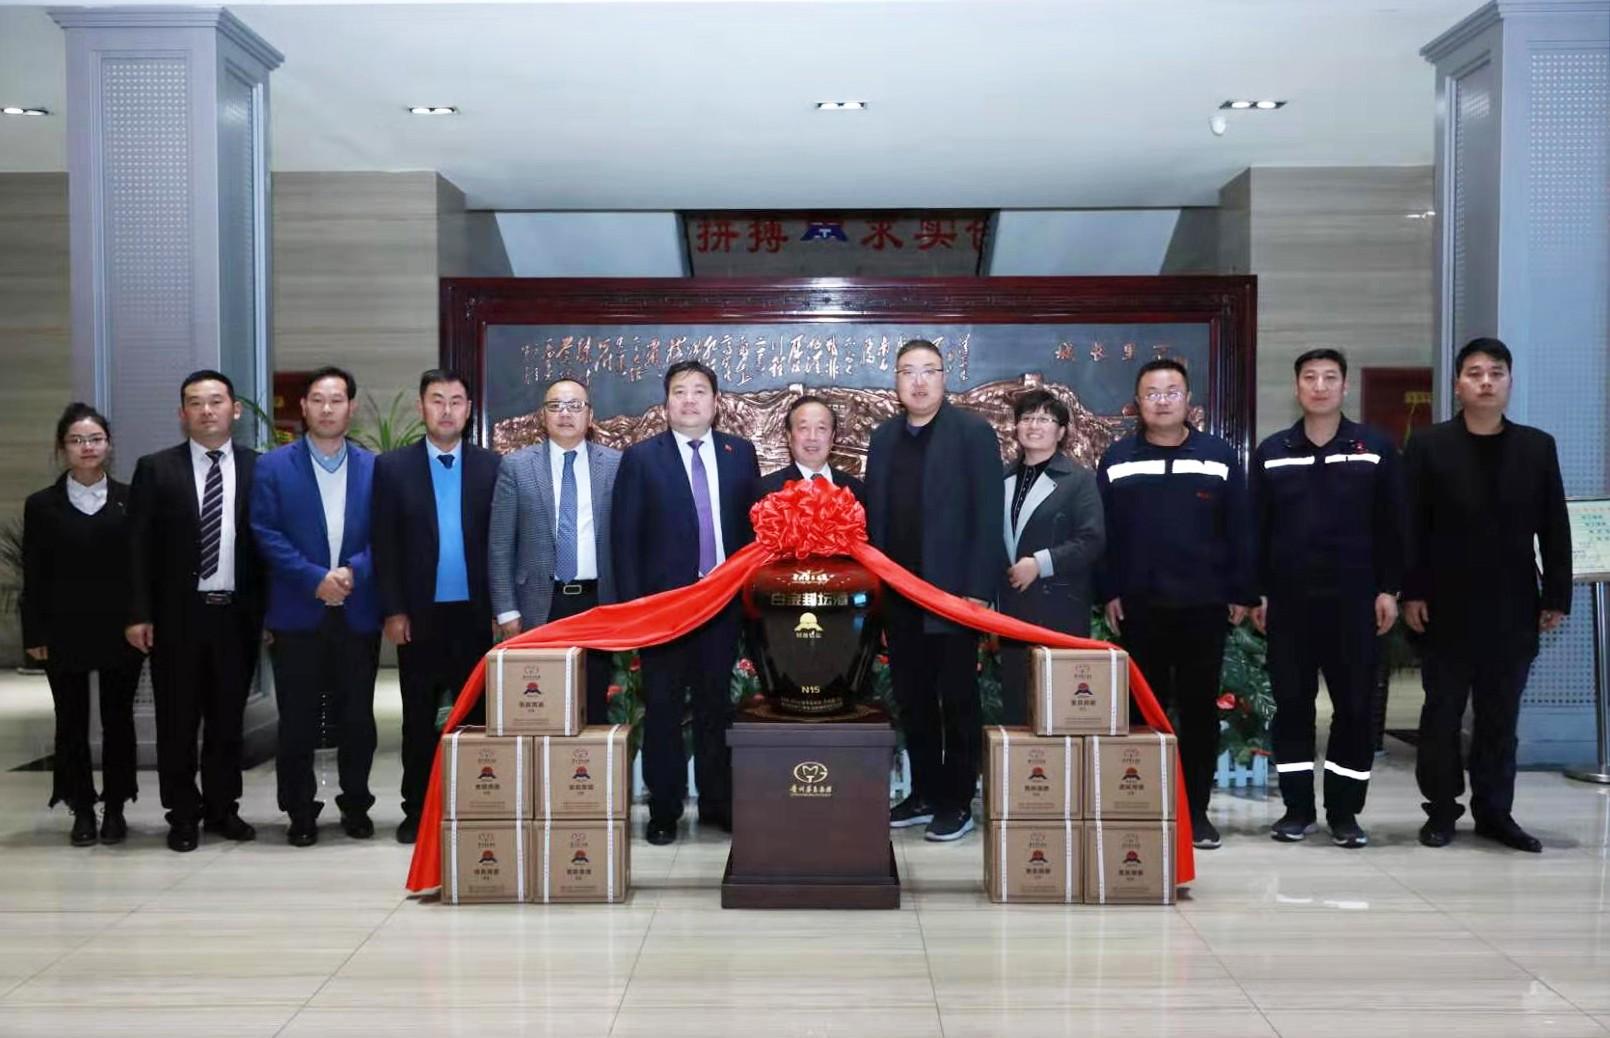 深化跨界合作 共促企業發展   白金酒公司參訪河南明泰鋁業